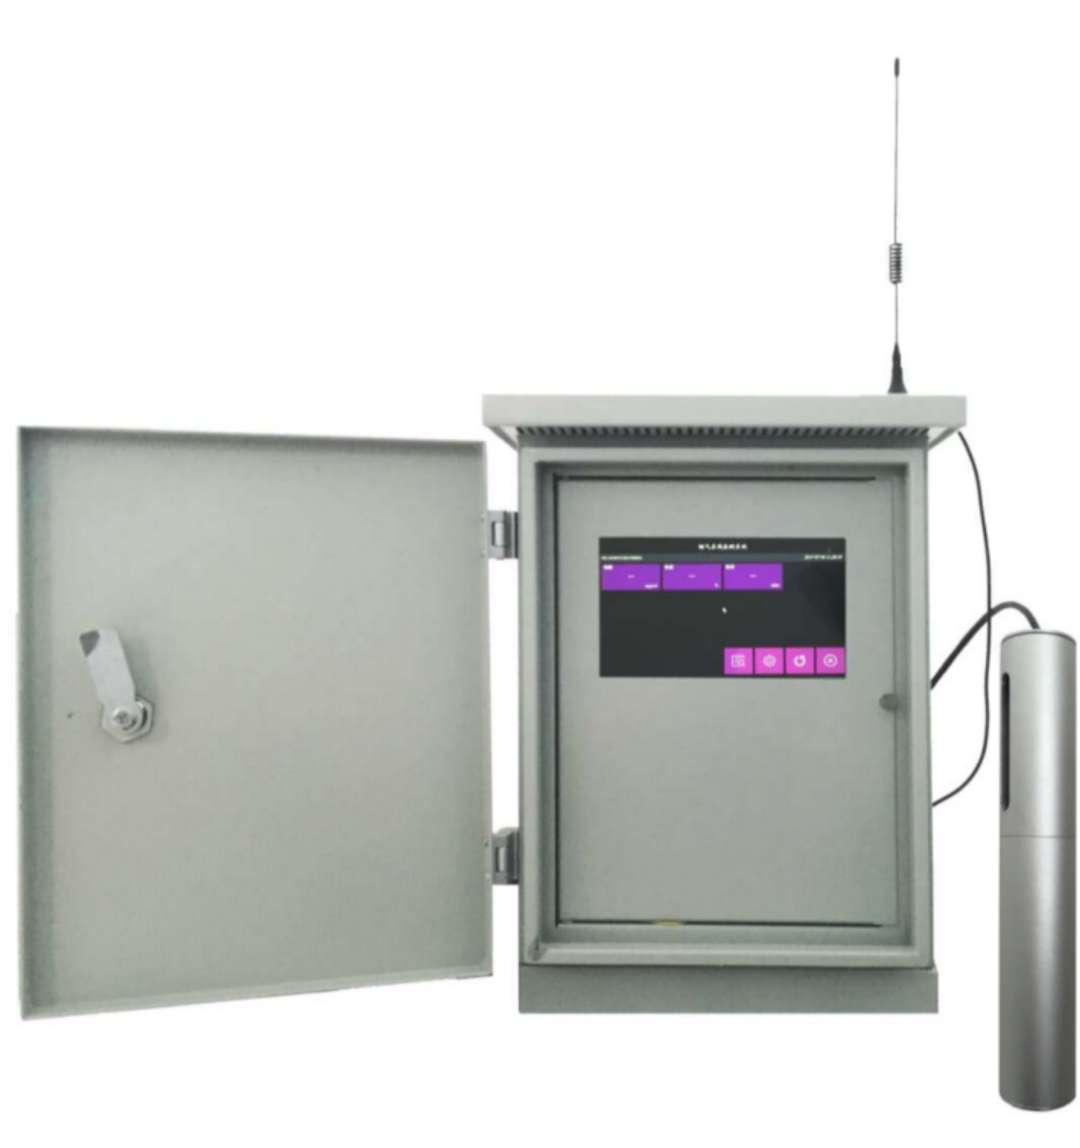 天津油烟专用检测仪A河北油烟专用检测仪生产厂家